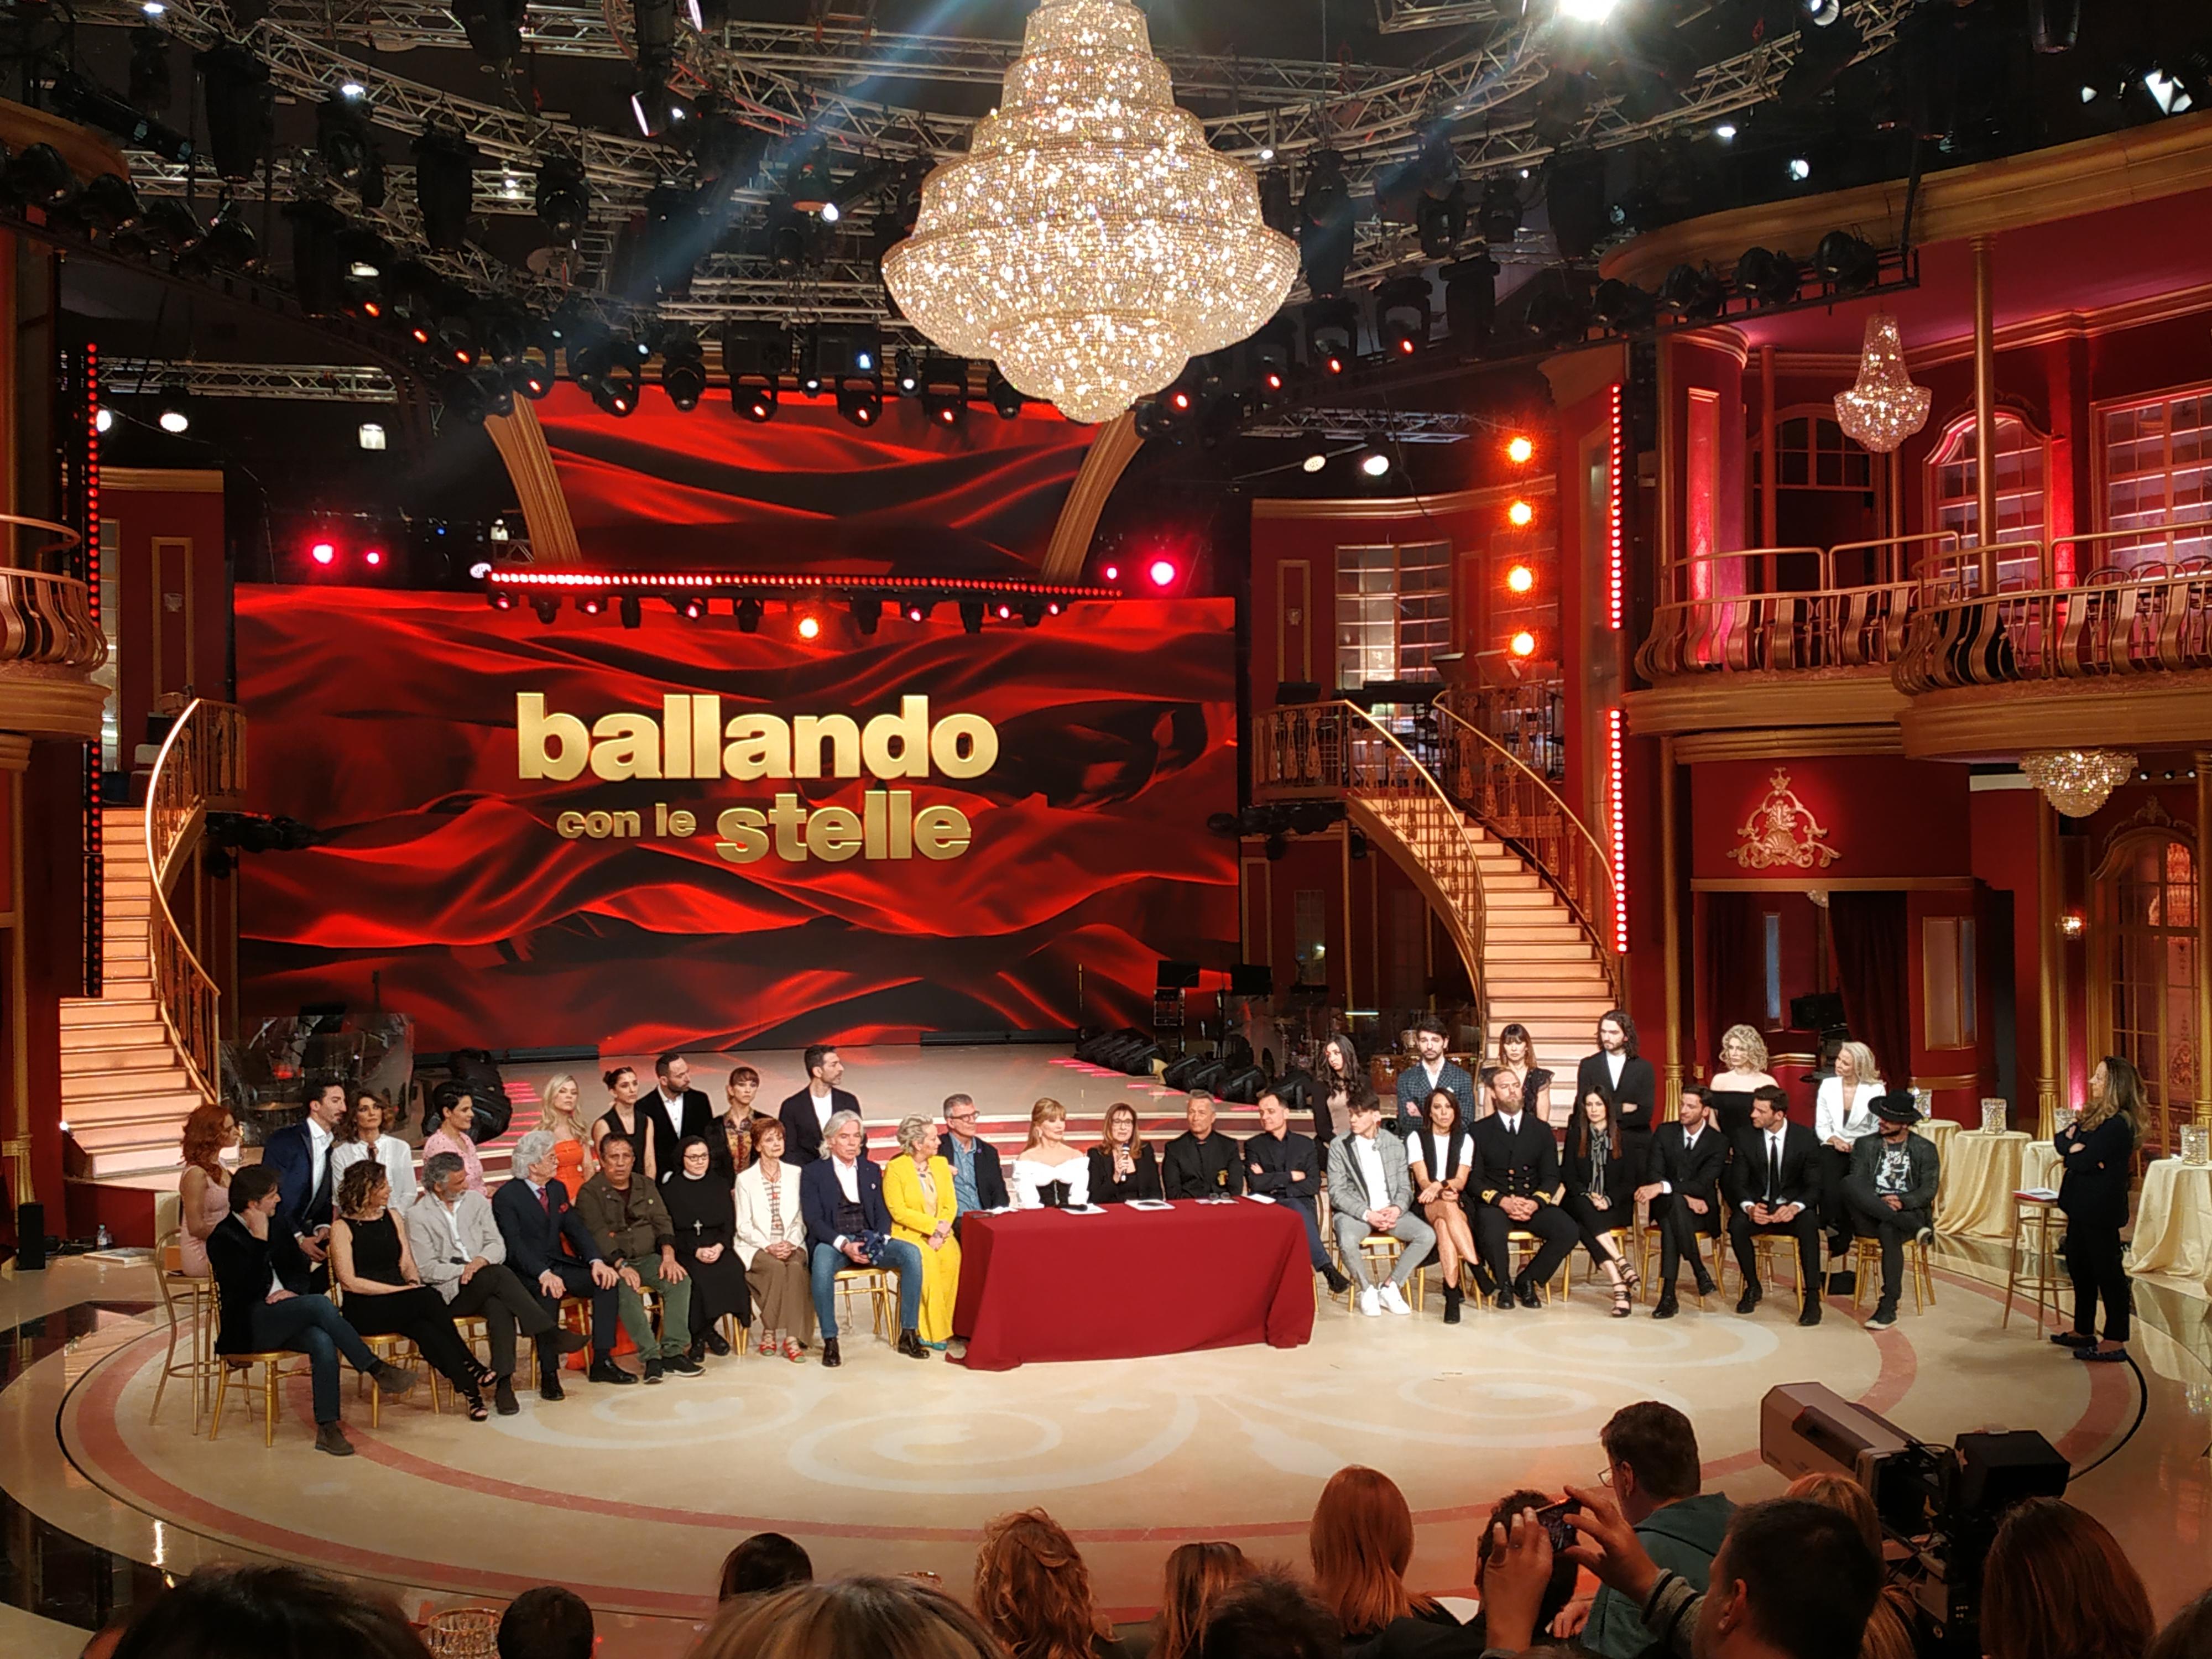 TV Ballando con le stelle, da sabato la 14ª edizione